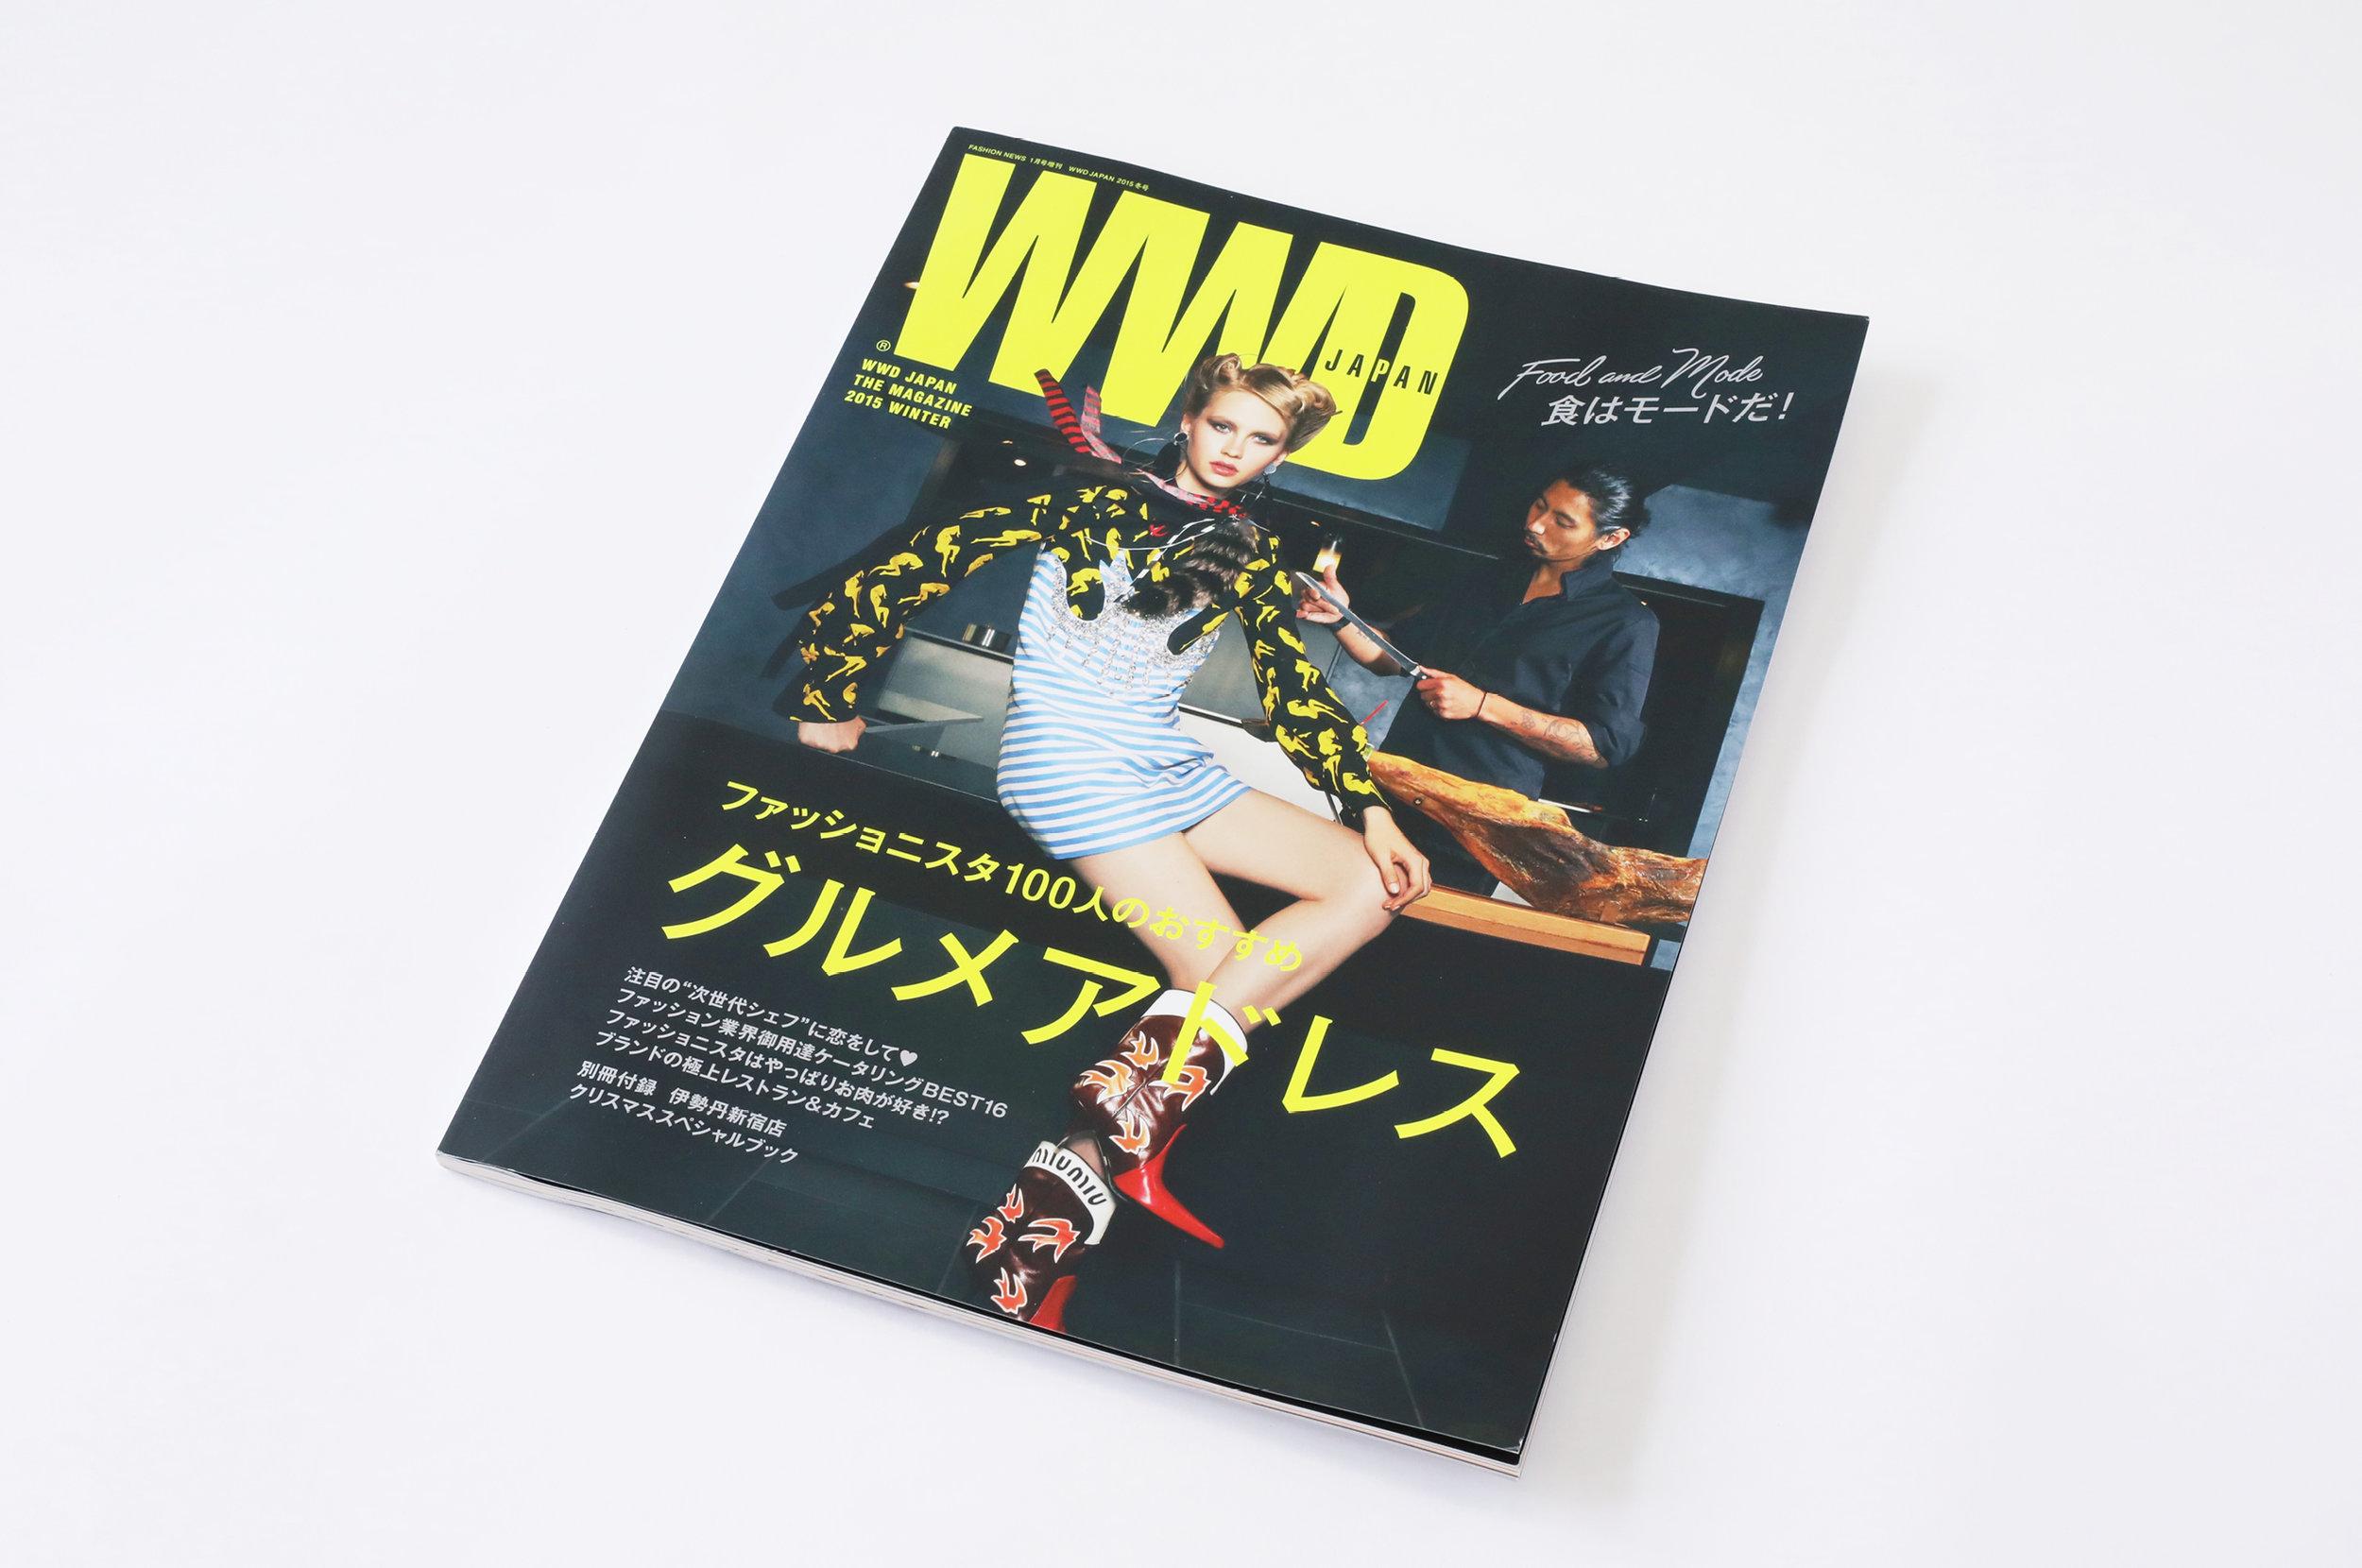 WWD_magazine39.jpg